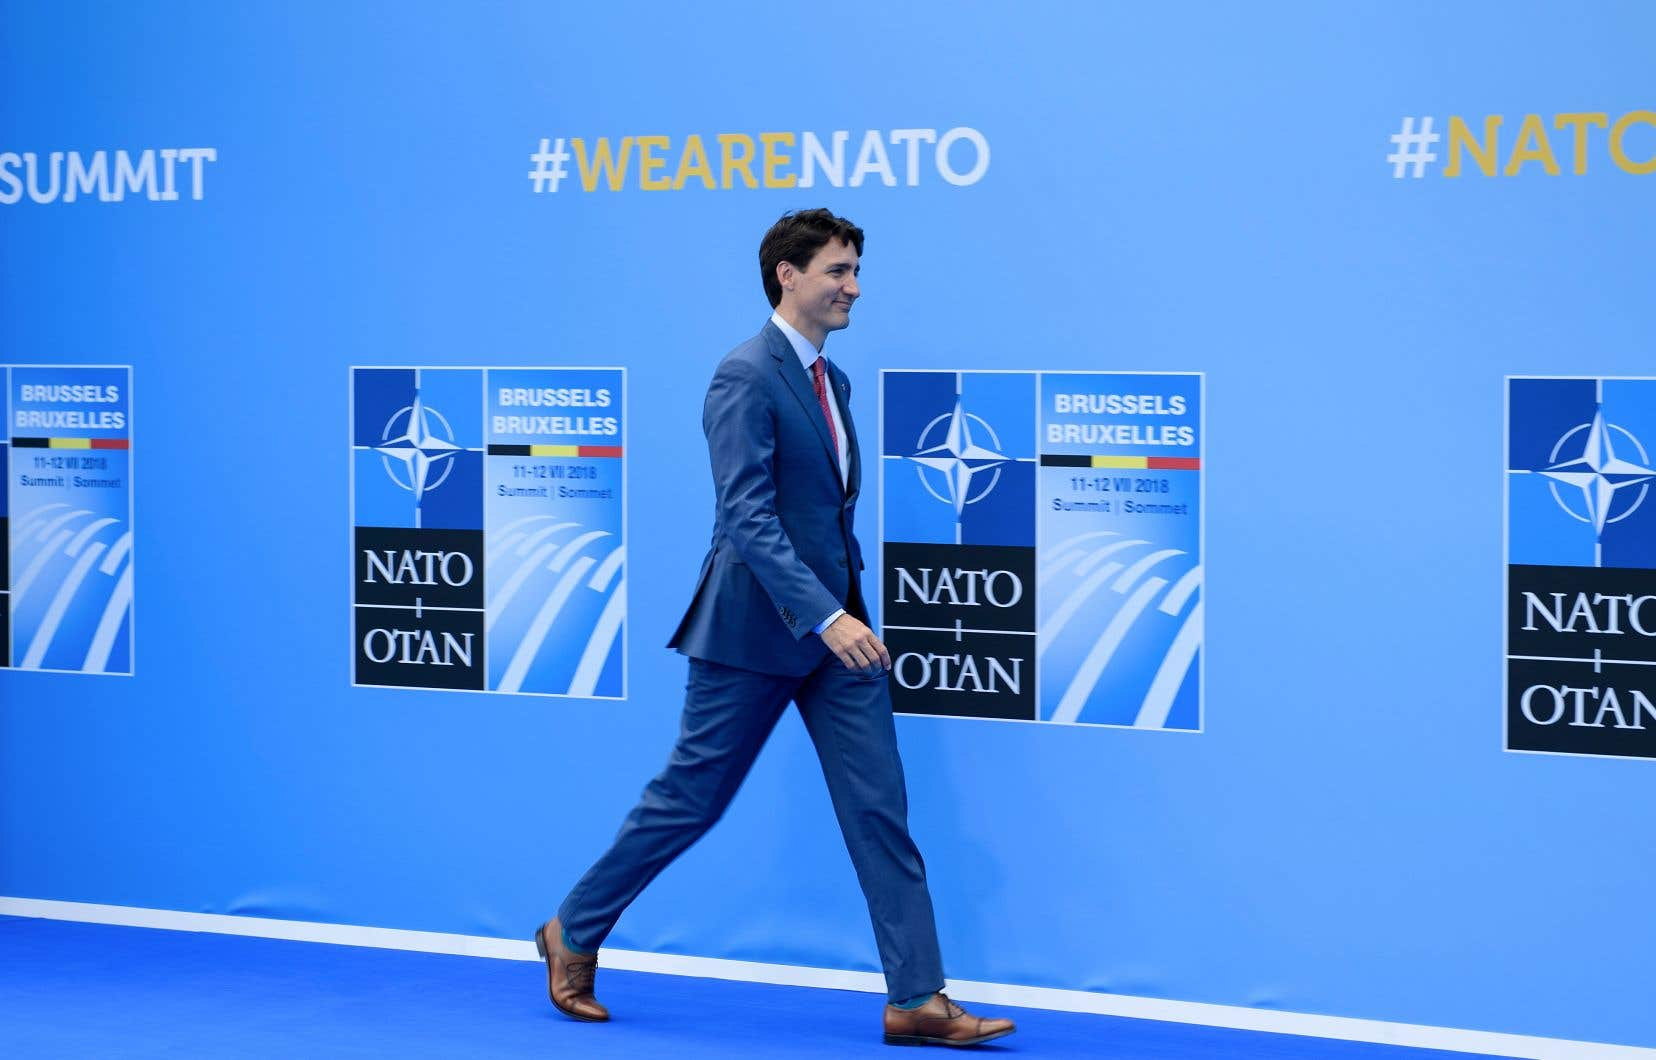 Justin Trudeaua répété que le Canada a promis de renverser le déclin de ses dépenses militaires et de tendre vers l'objectif du 2 % du PIB.